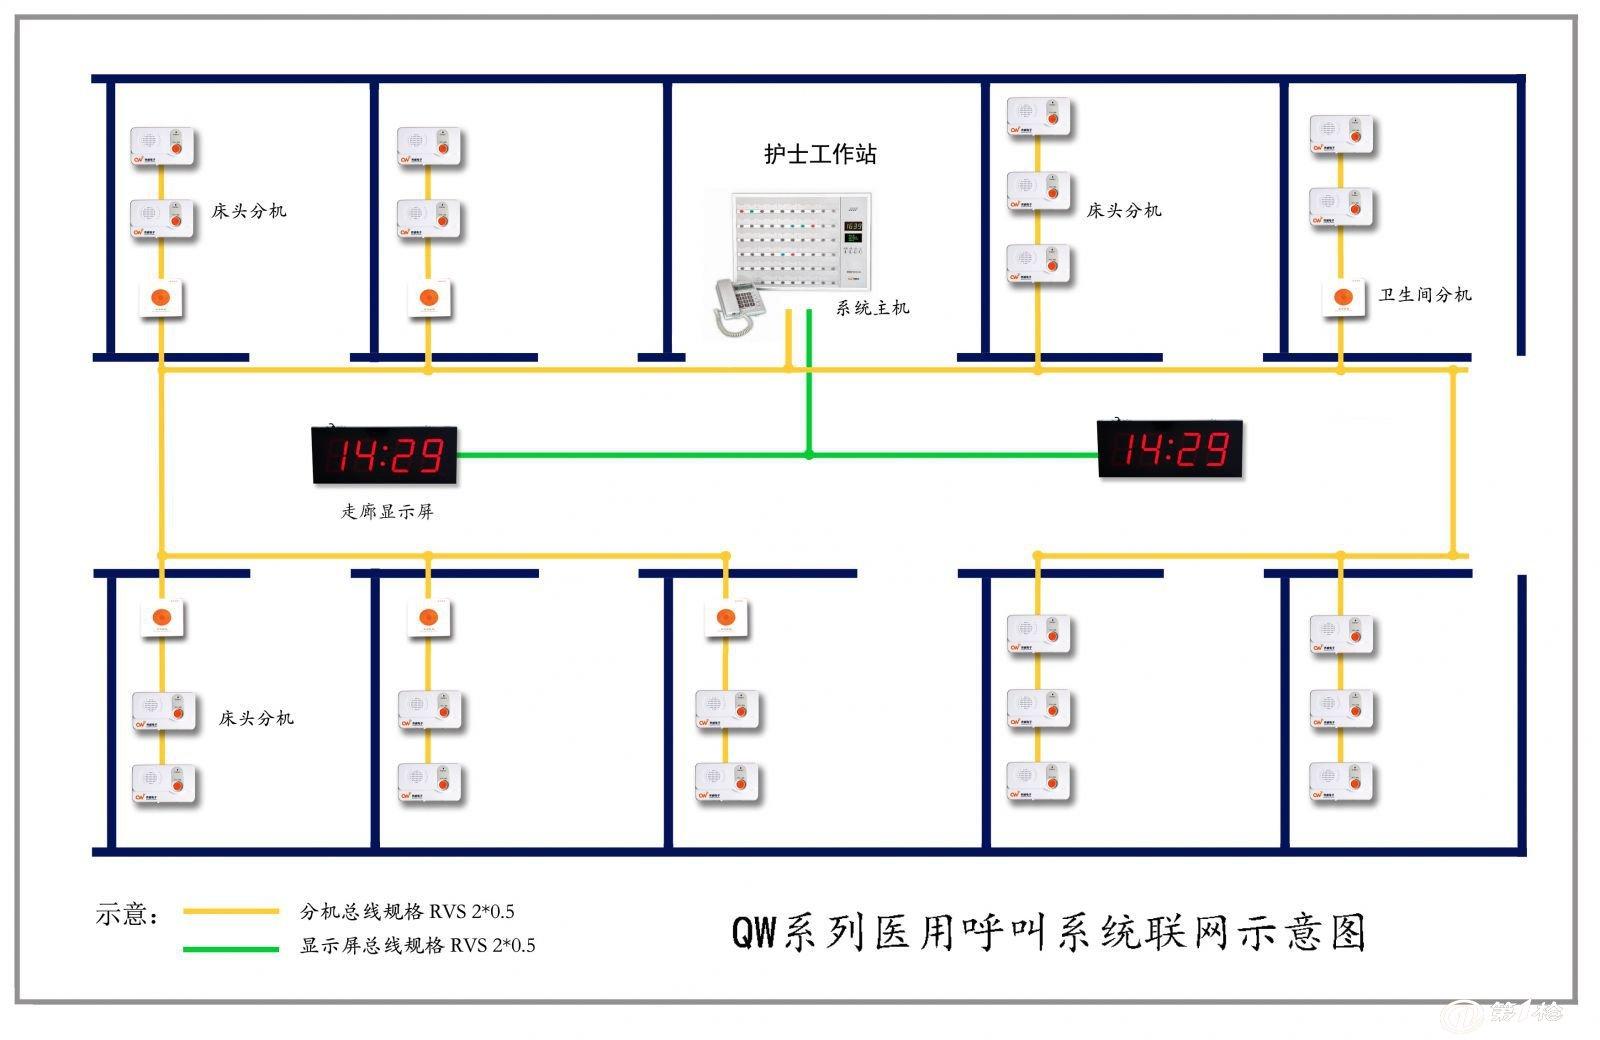 产品特点: 1.主机数码显示窗口 2.系统多功能显示呼叫 3.双向呼叫、双工通话 4.分机无中断呼叫 5.分机、广播机合为一体 6.来电显示、副话机振铃 7.主机分机音乐振铃 8.振铃音量可调 9.通话音量可调 10.主机三级护理级别 11.门灯提示 12.高级优先 13.主机播放广播 14.系统两芯线联网 15.